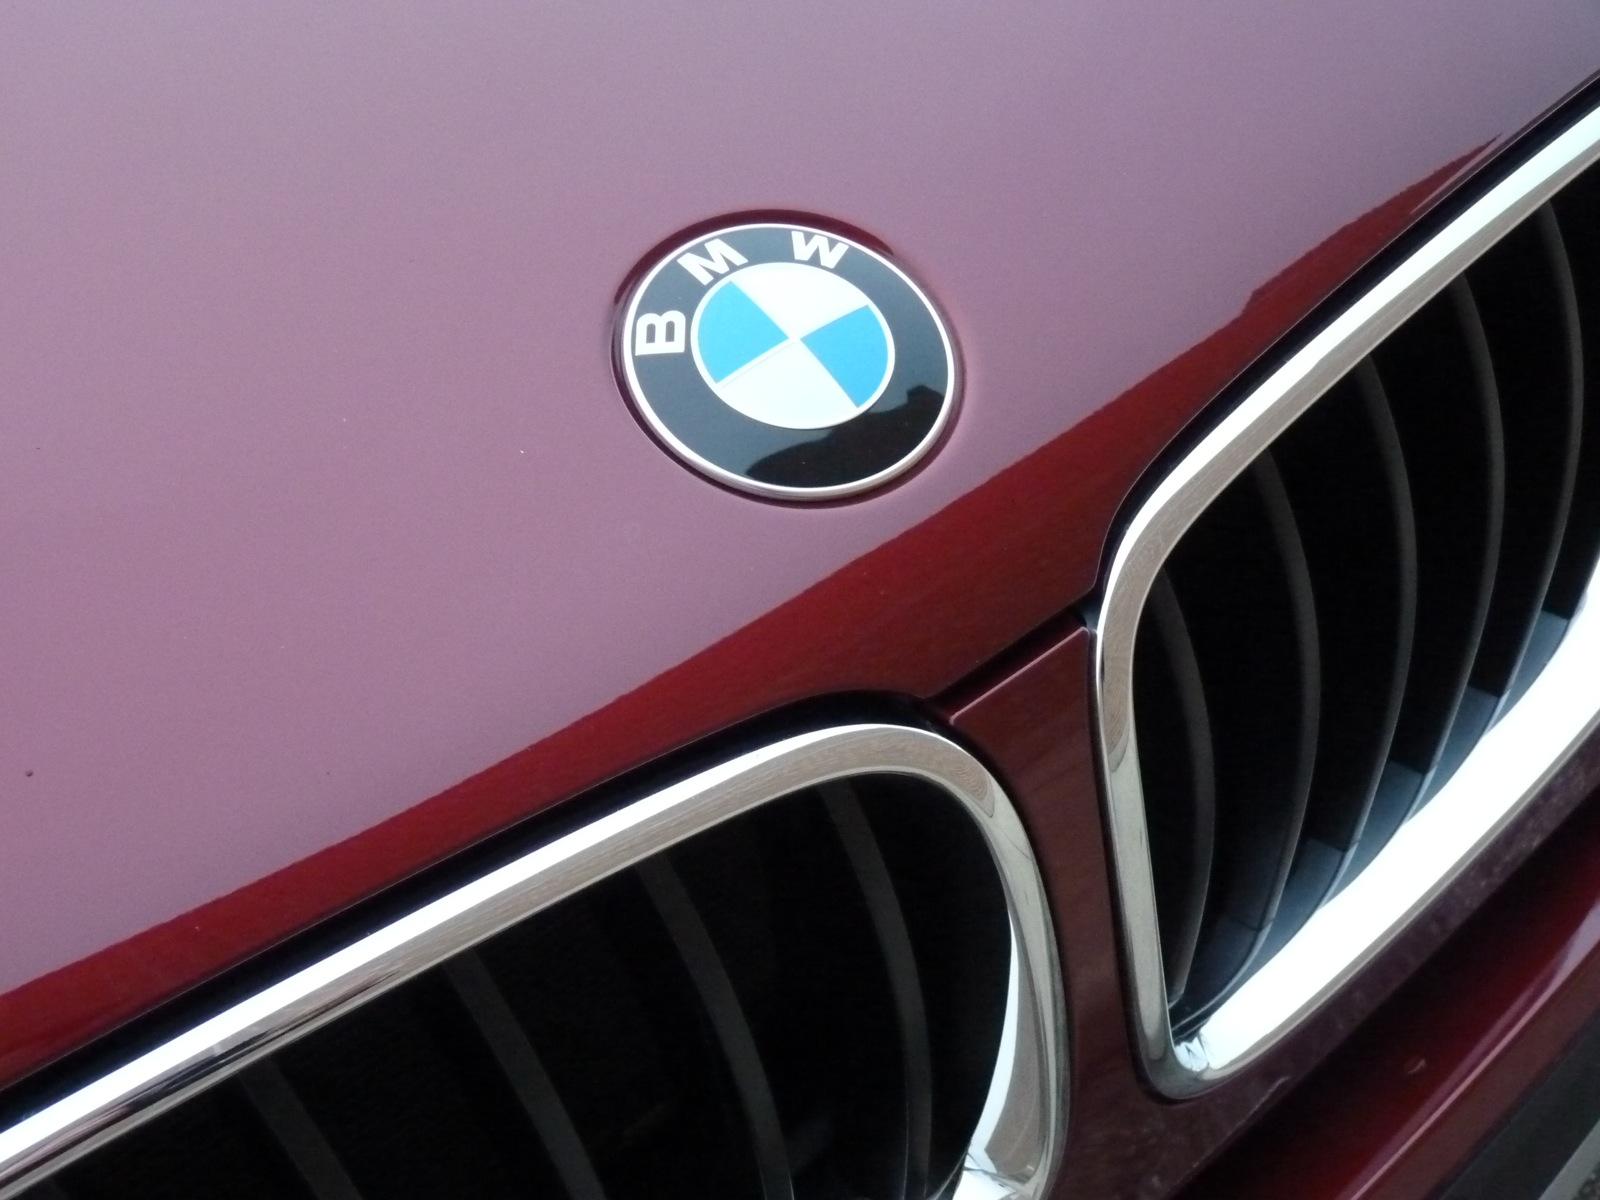 2013 BMW X3 xDrive28i Driven